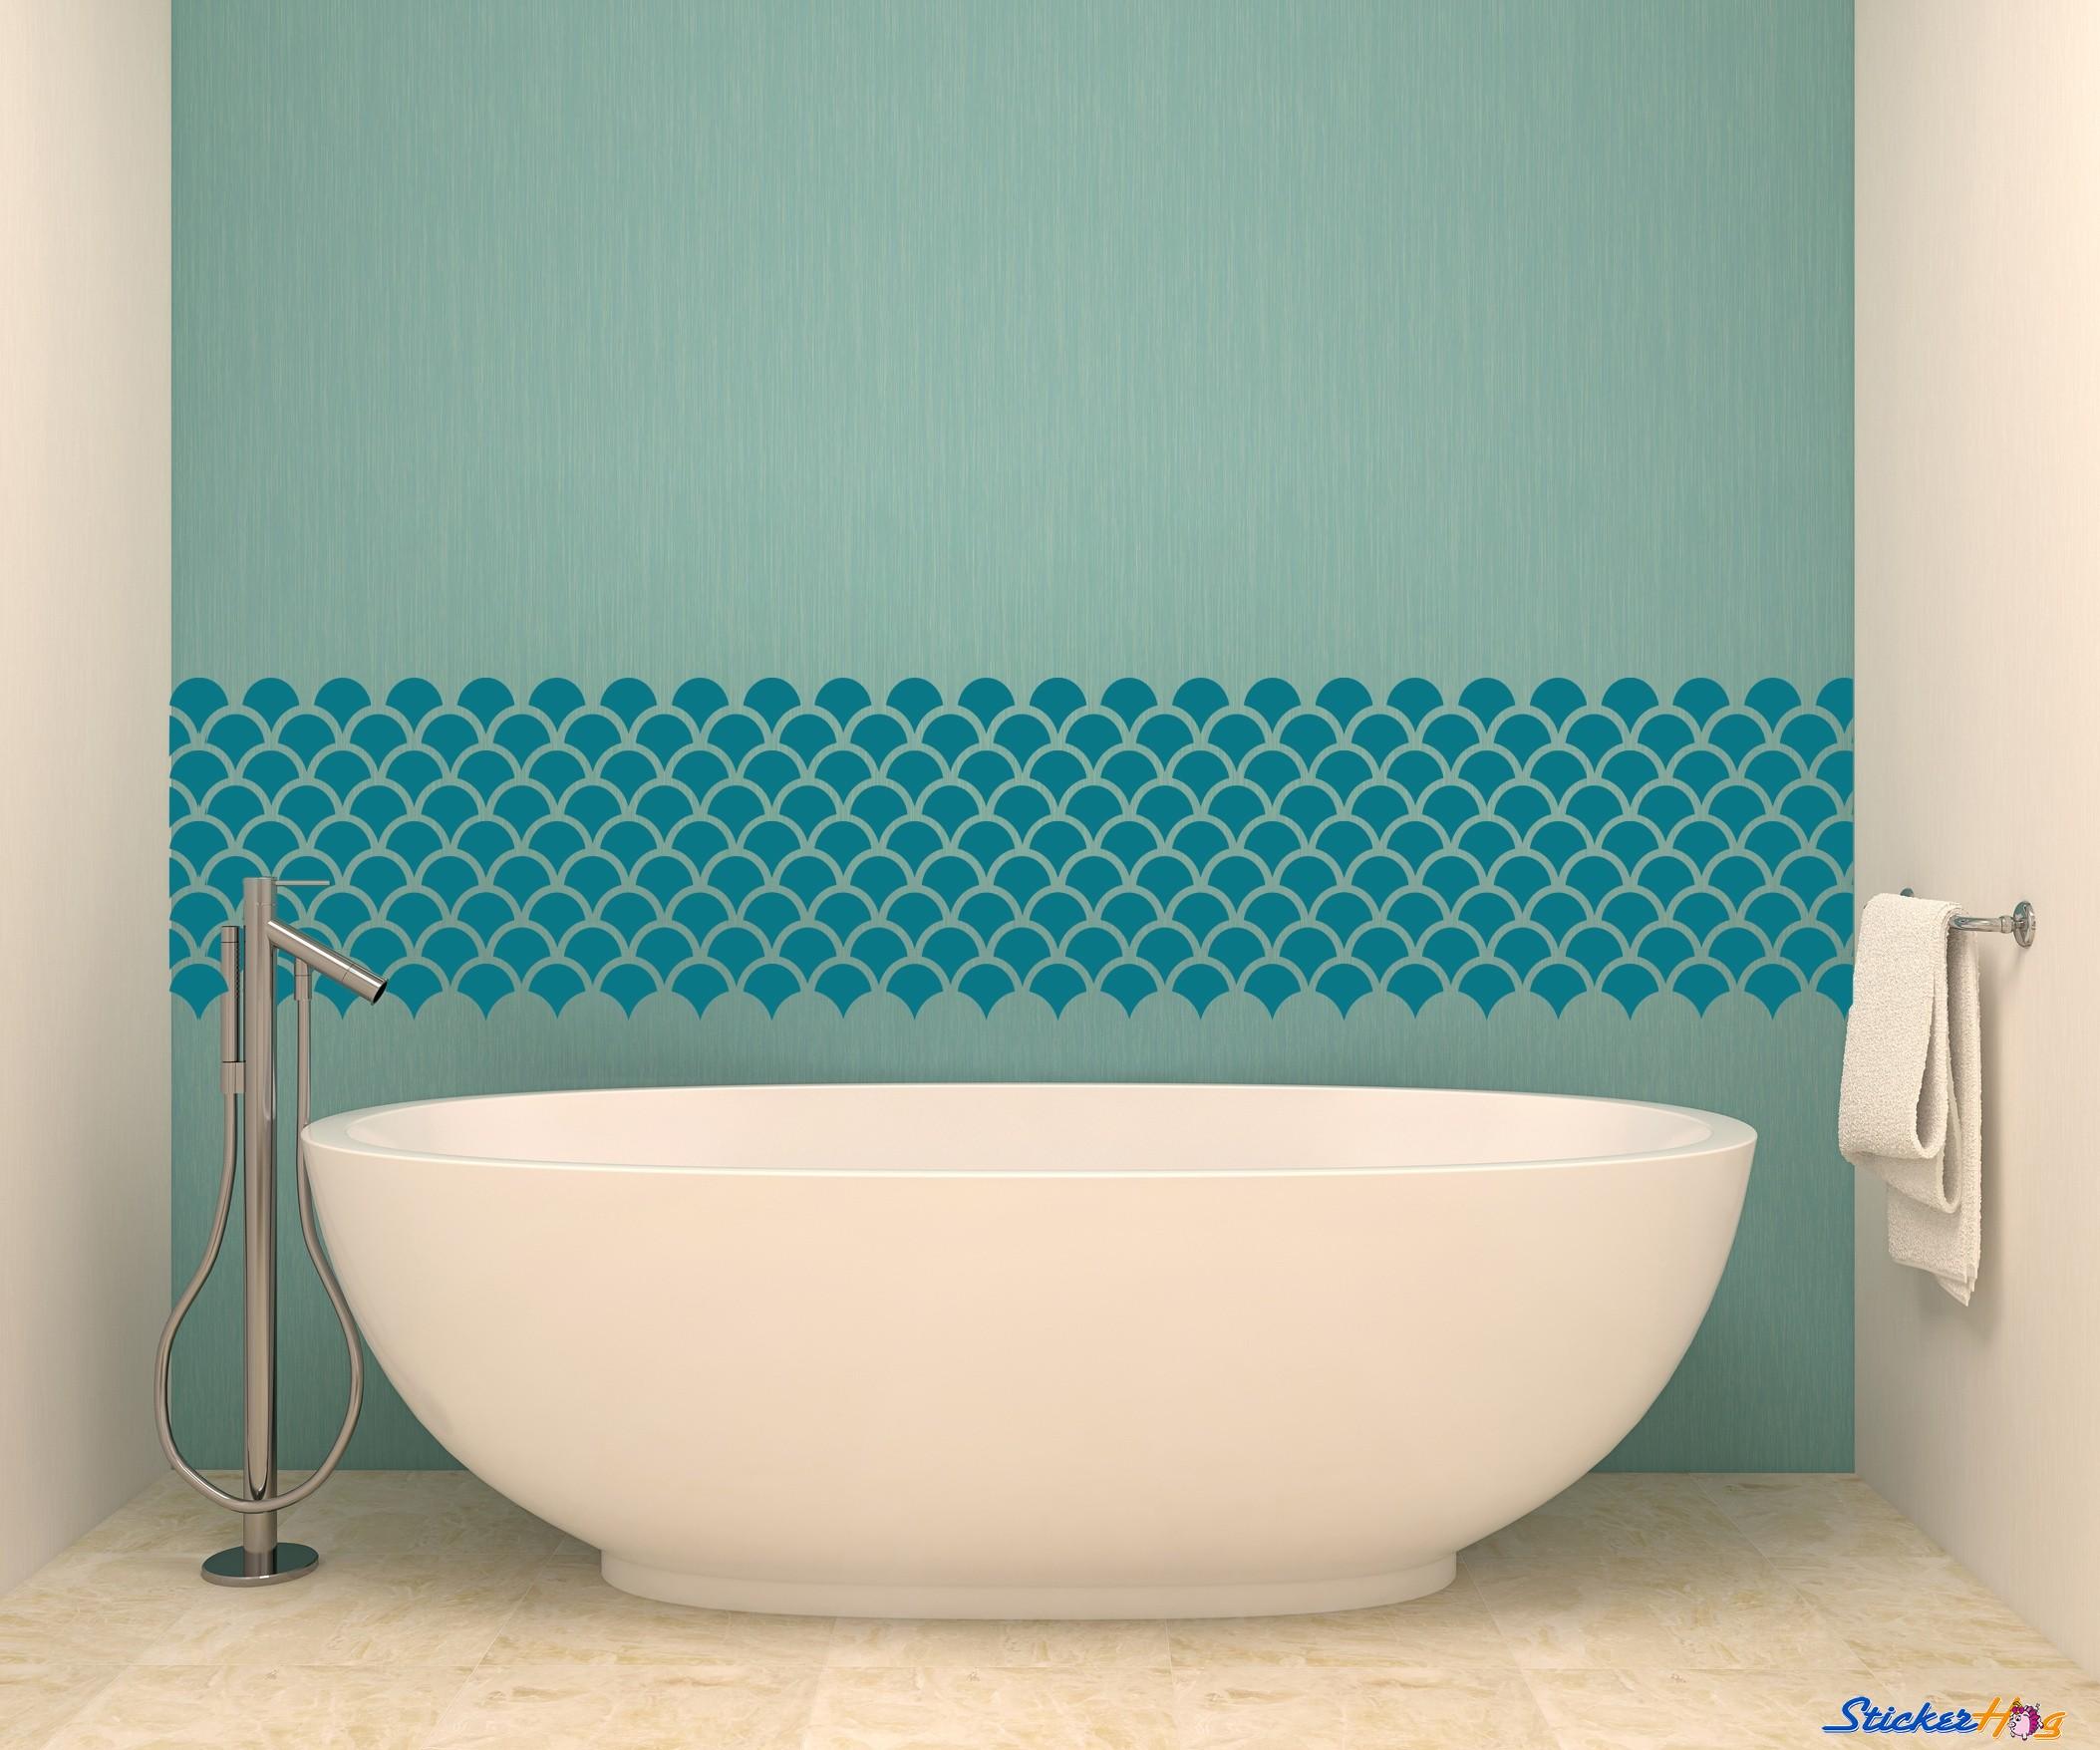 carellage ecaille idee salle de bain minimaliste